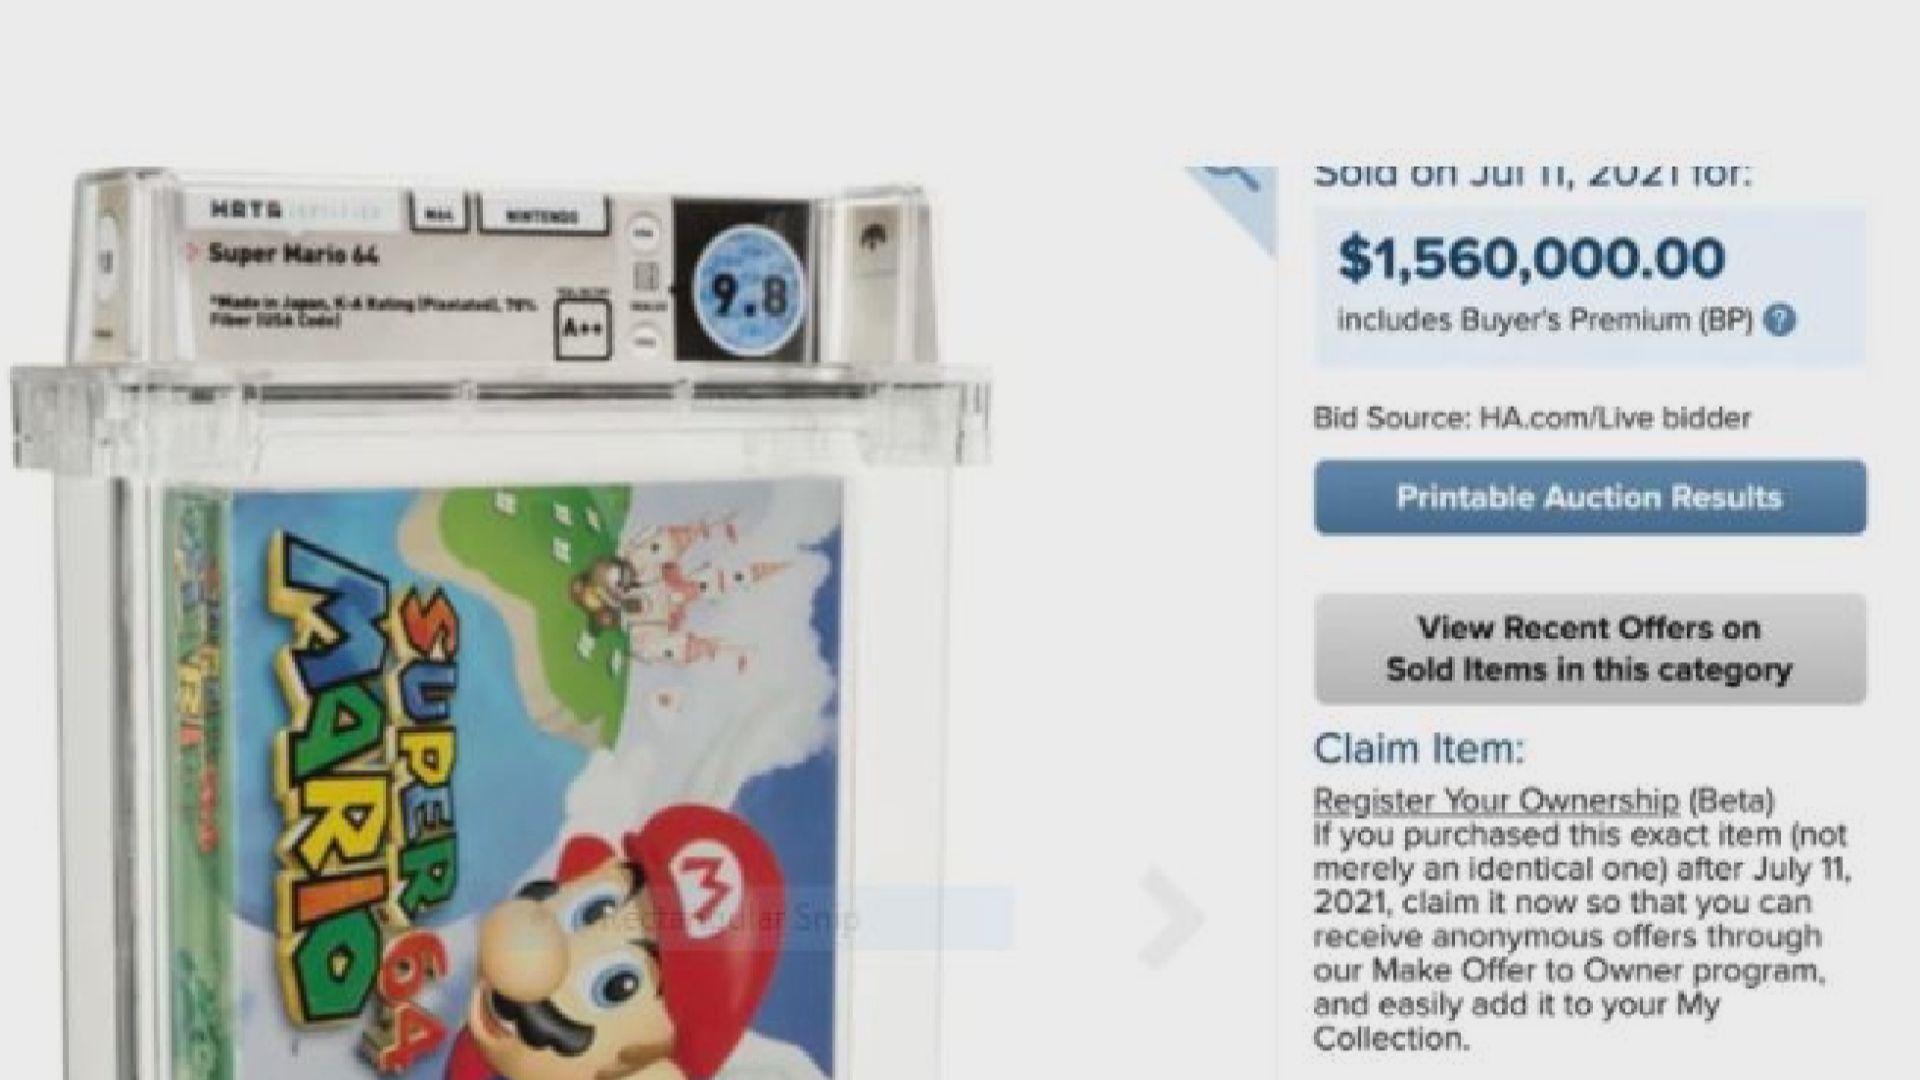 【環球薈報】任天堂未拆封「超級瑪利歐64」成交價156萬美元